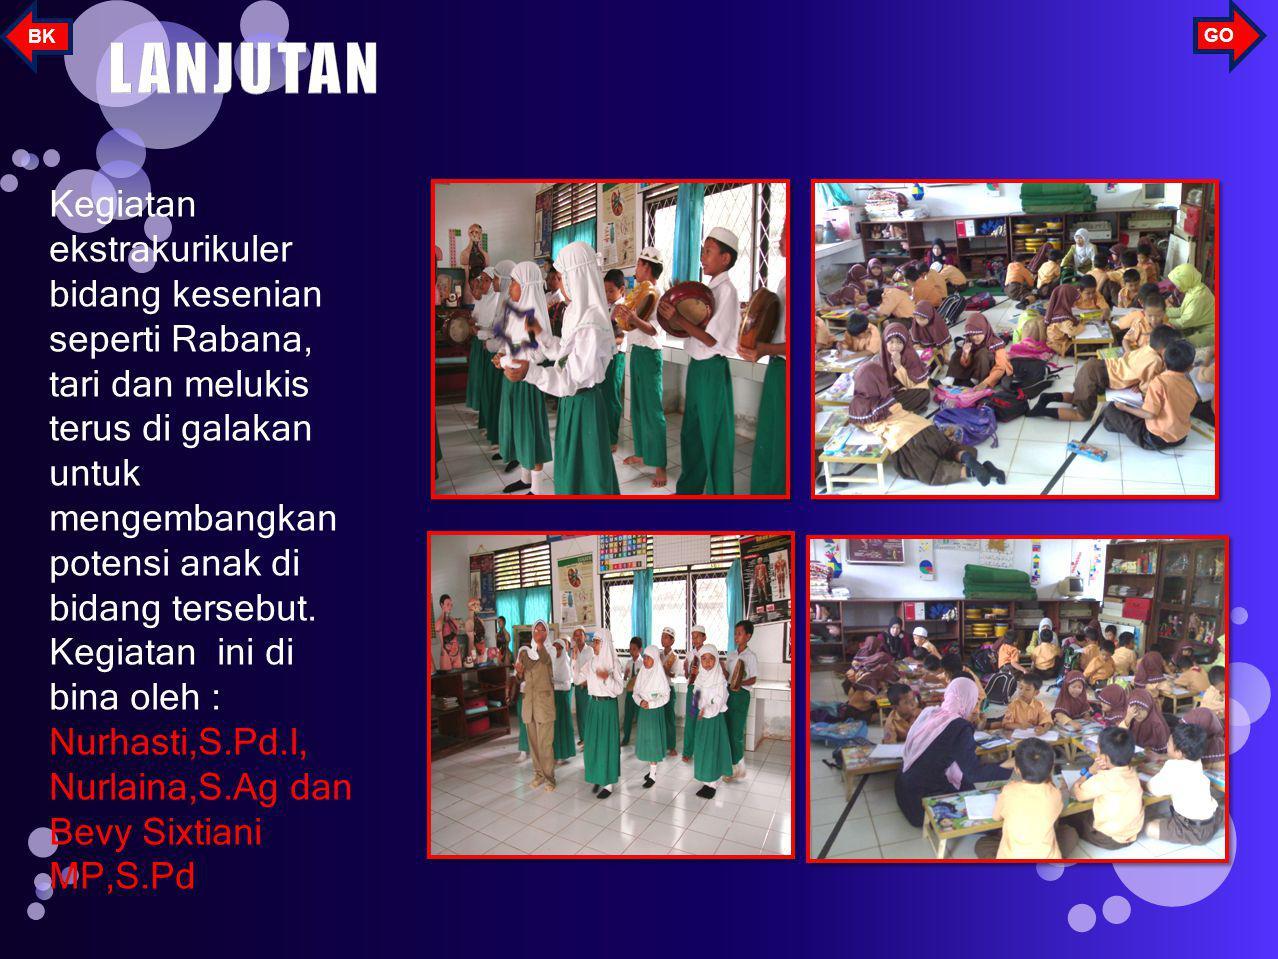 Di bawah binaan Dedi Irama, S.Pd, Supriyono, S.Sos.I, Kusbeni, dan Mustika Zkepramukaan MIN 2 Palembang telah di kenal dan ikut dalam berbagai tangkai